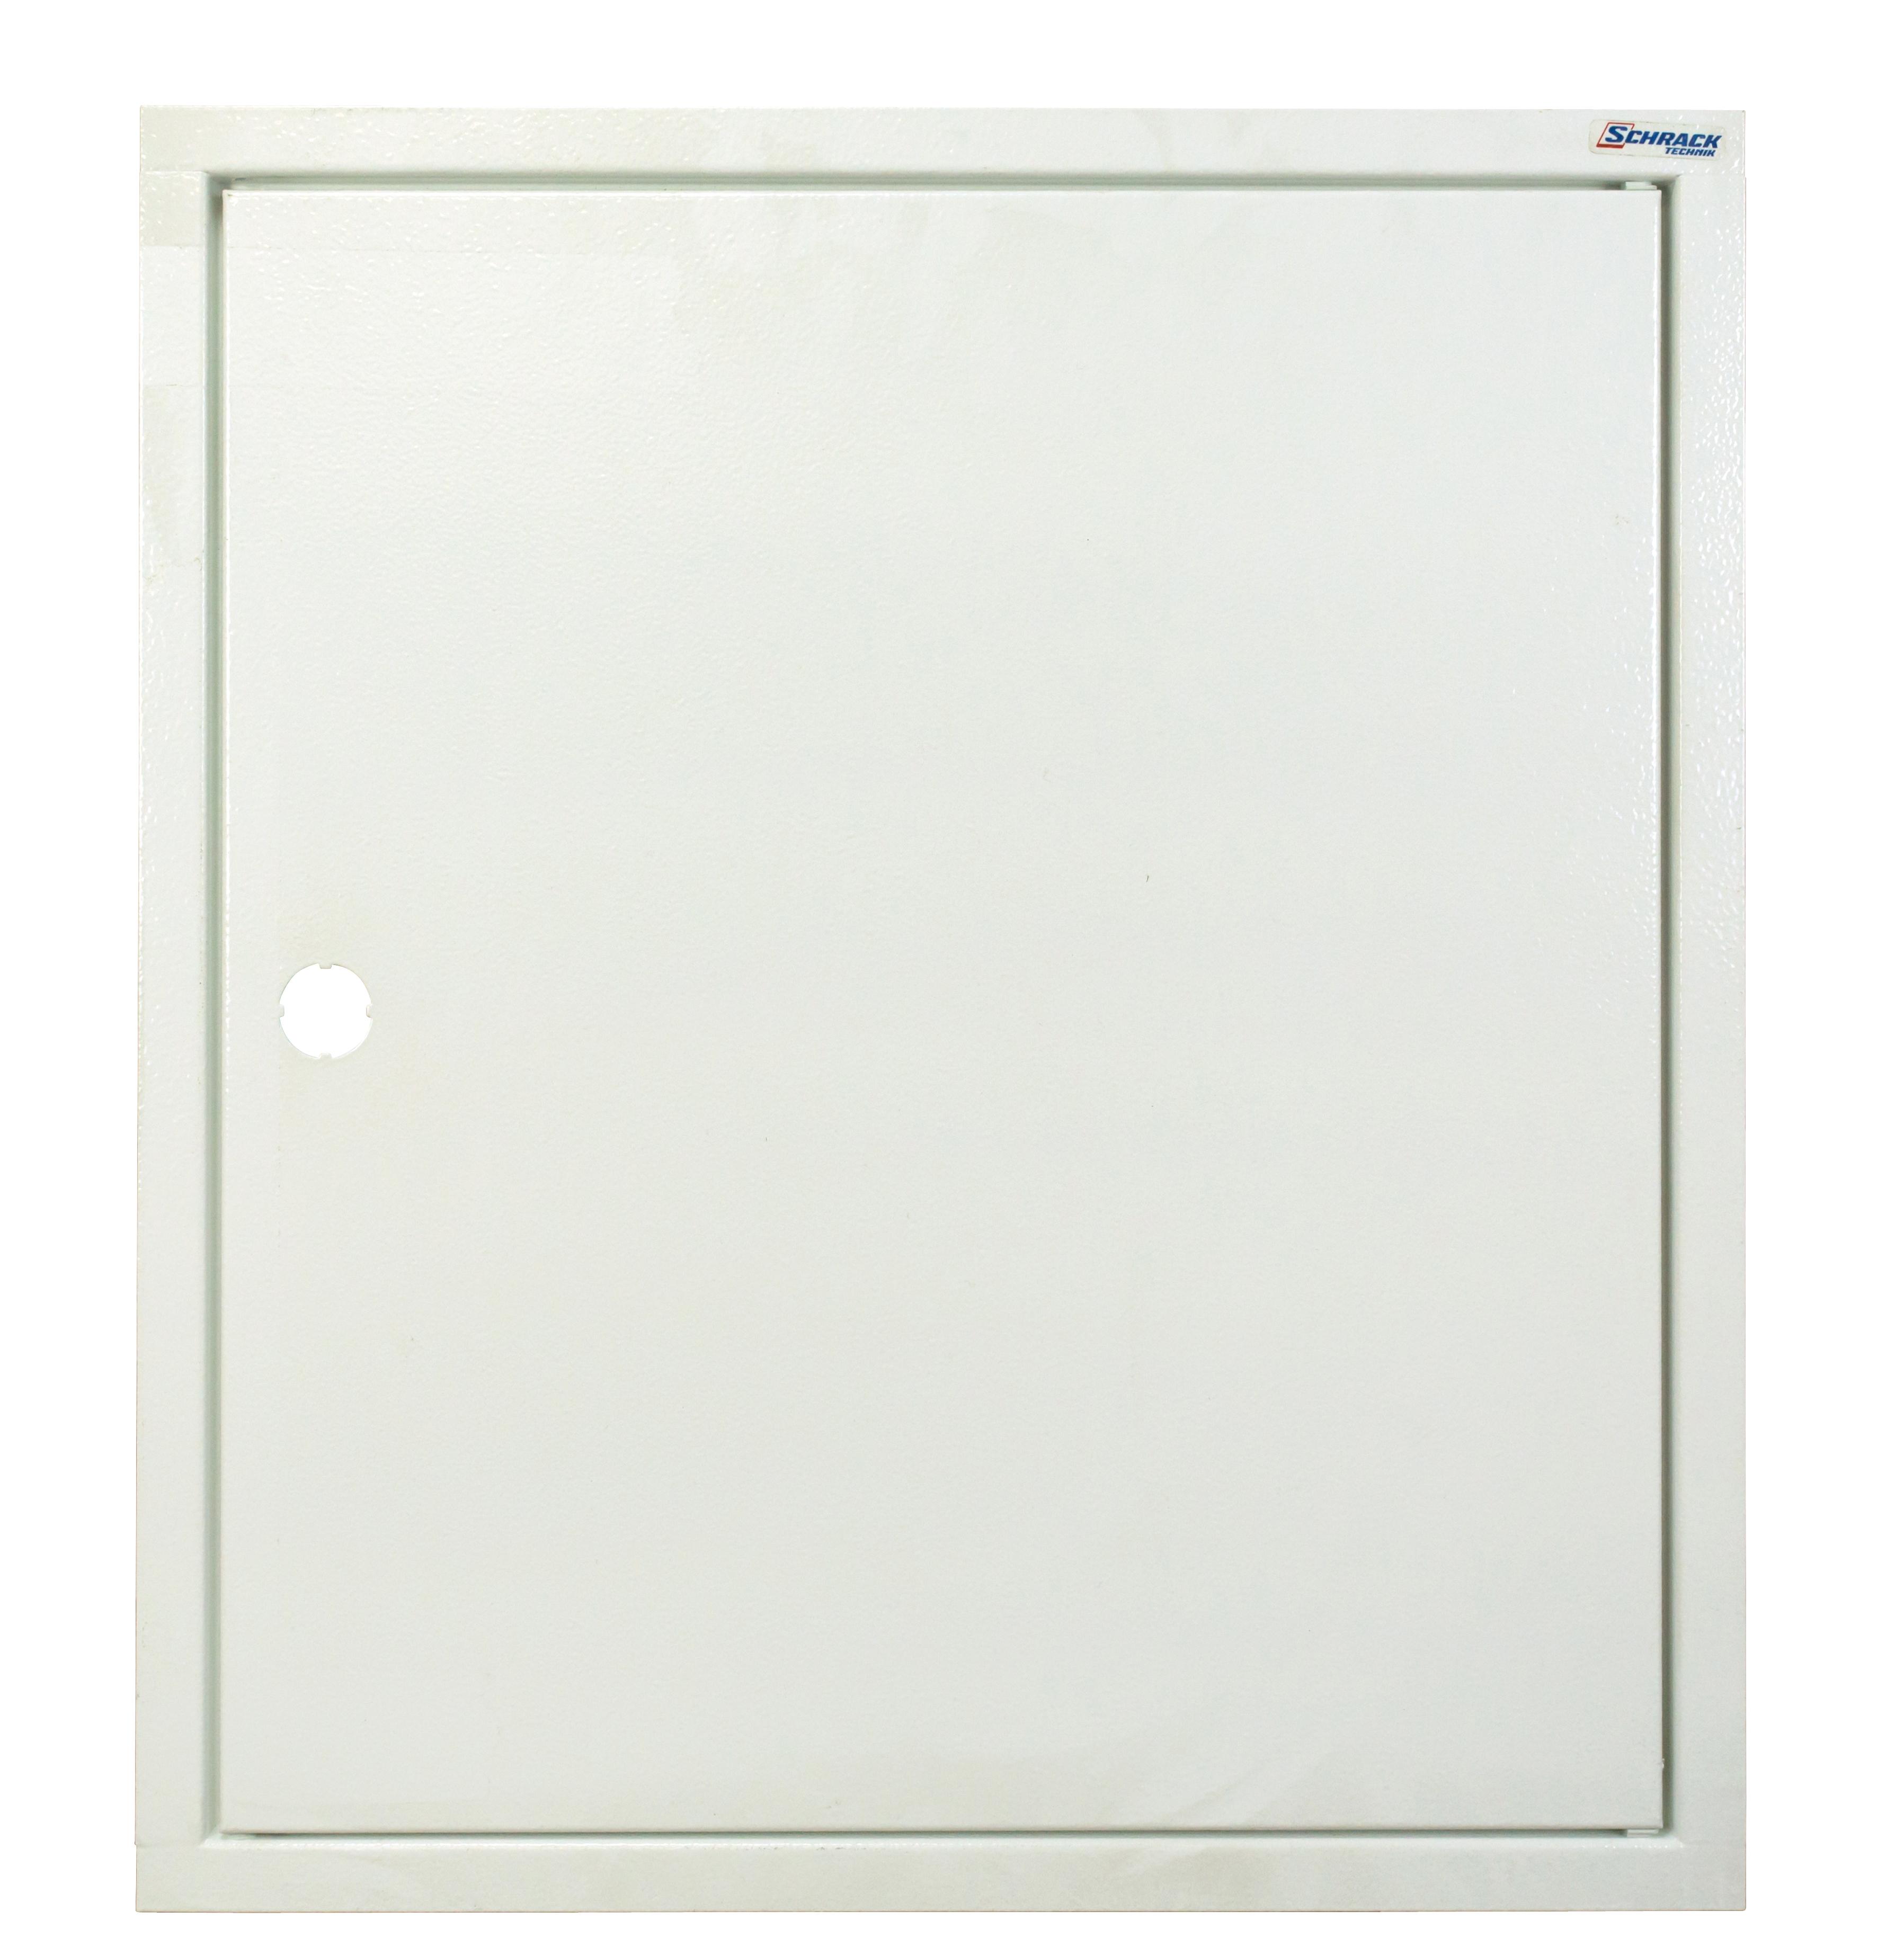 1 Stk Unterputz-Rahmen mit Türe 2U-21 flach, H1055B590T100mm IL012221-F